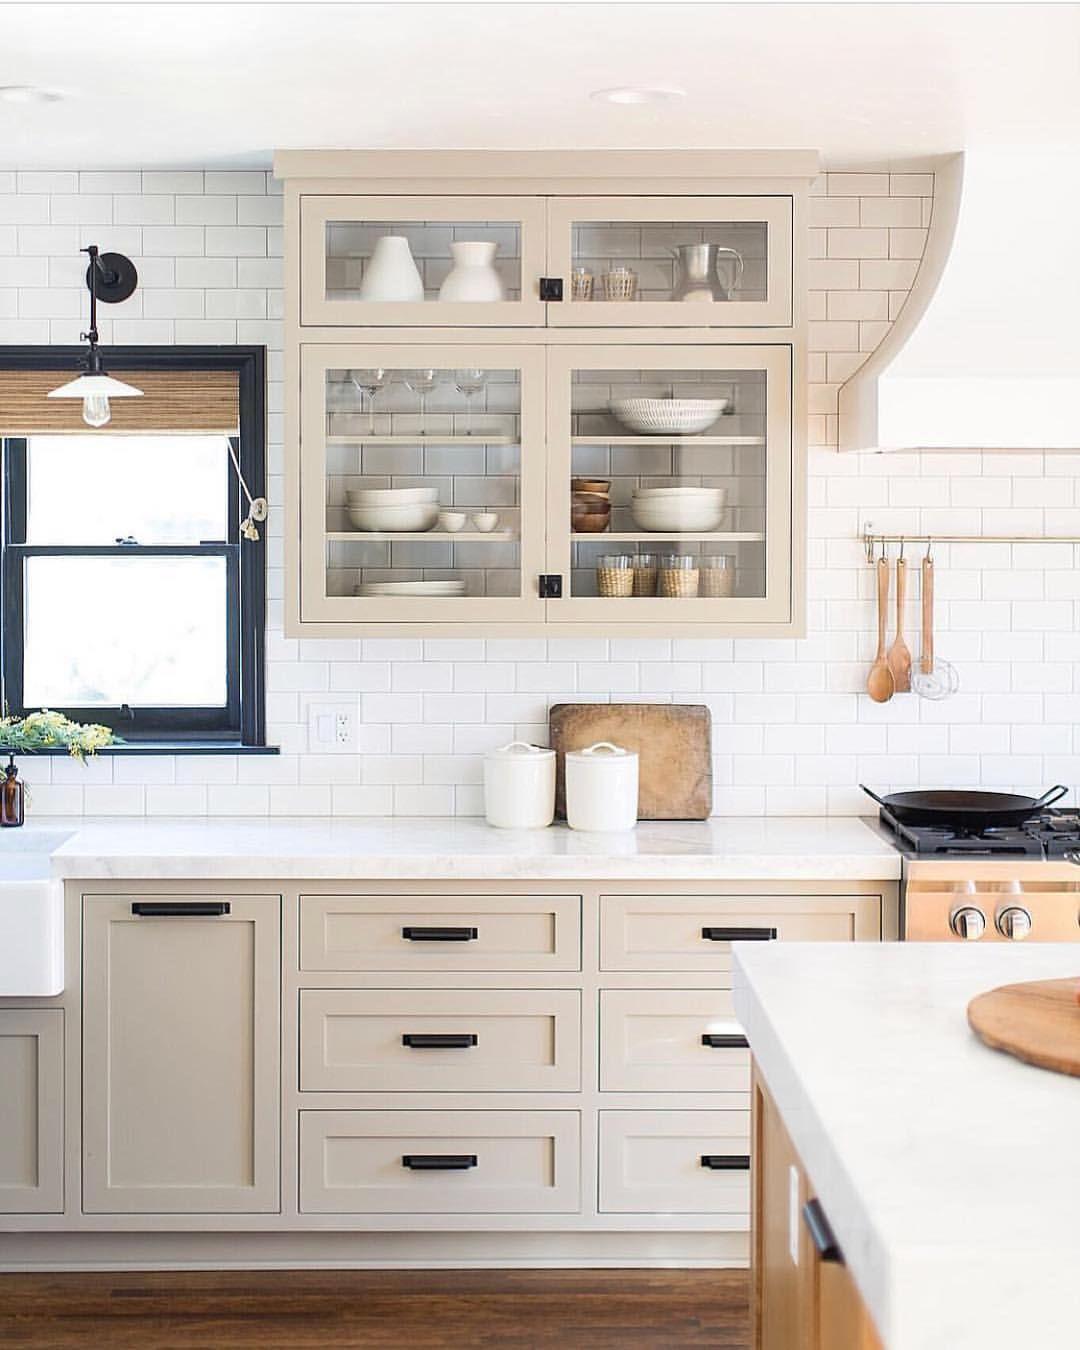 Backsplash around kitchen window  puttytan colored kitchen cabinets with white subway tile backsplash